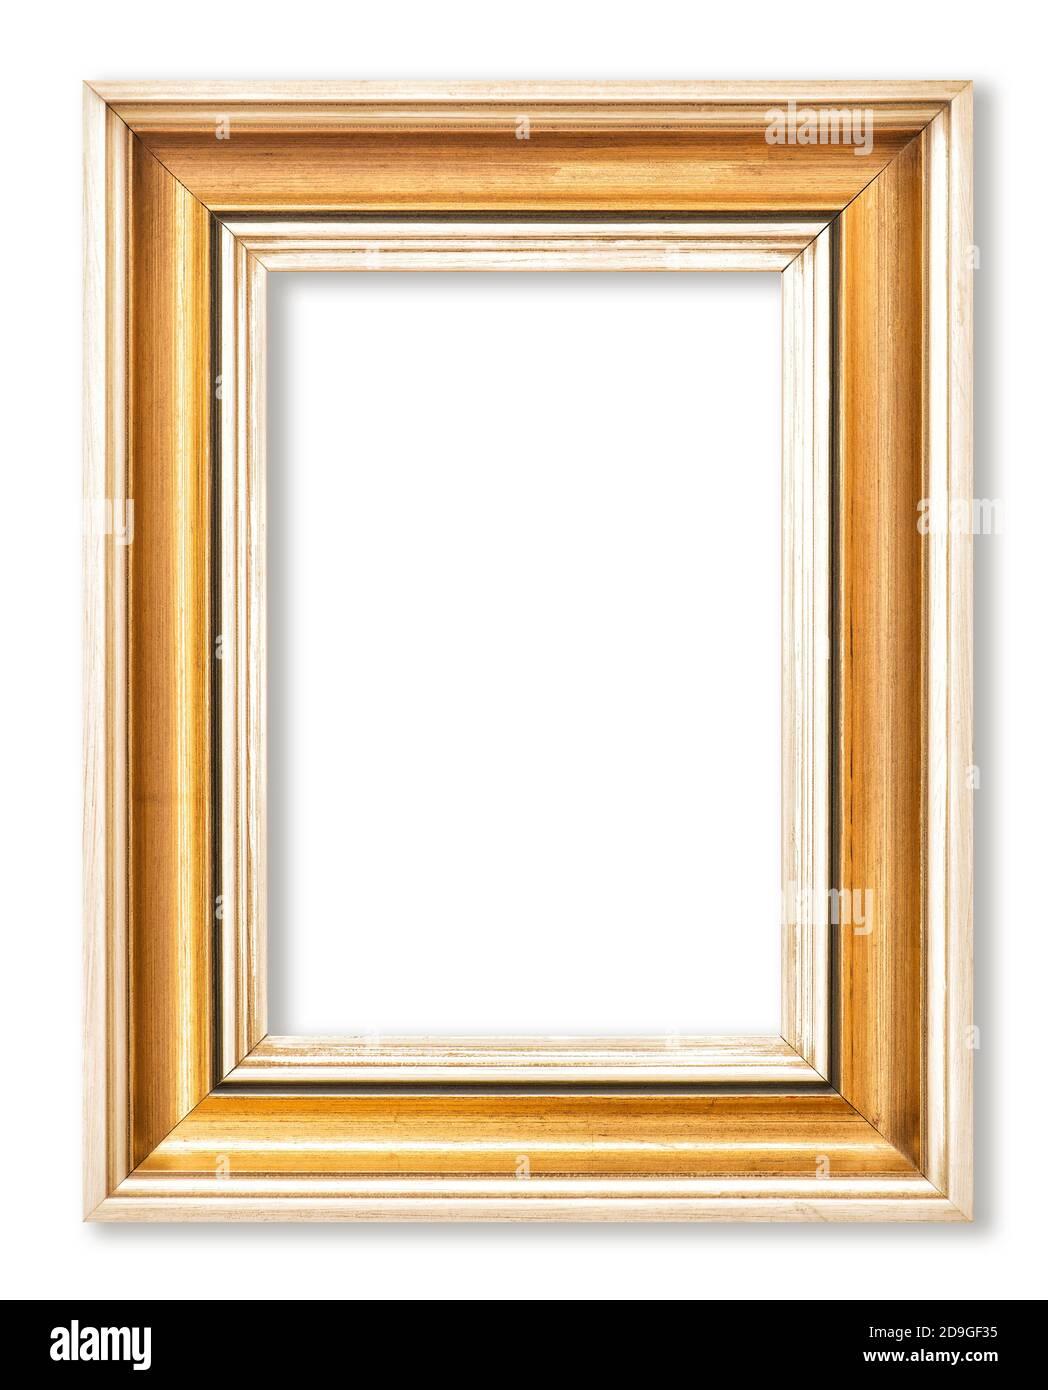 Cornice in legno dorato isolata su sfondo bianco Foto Stock